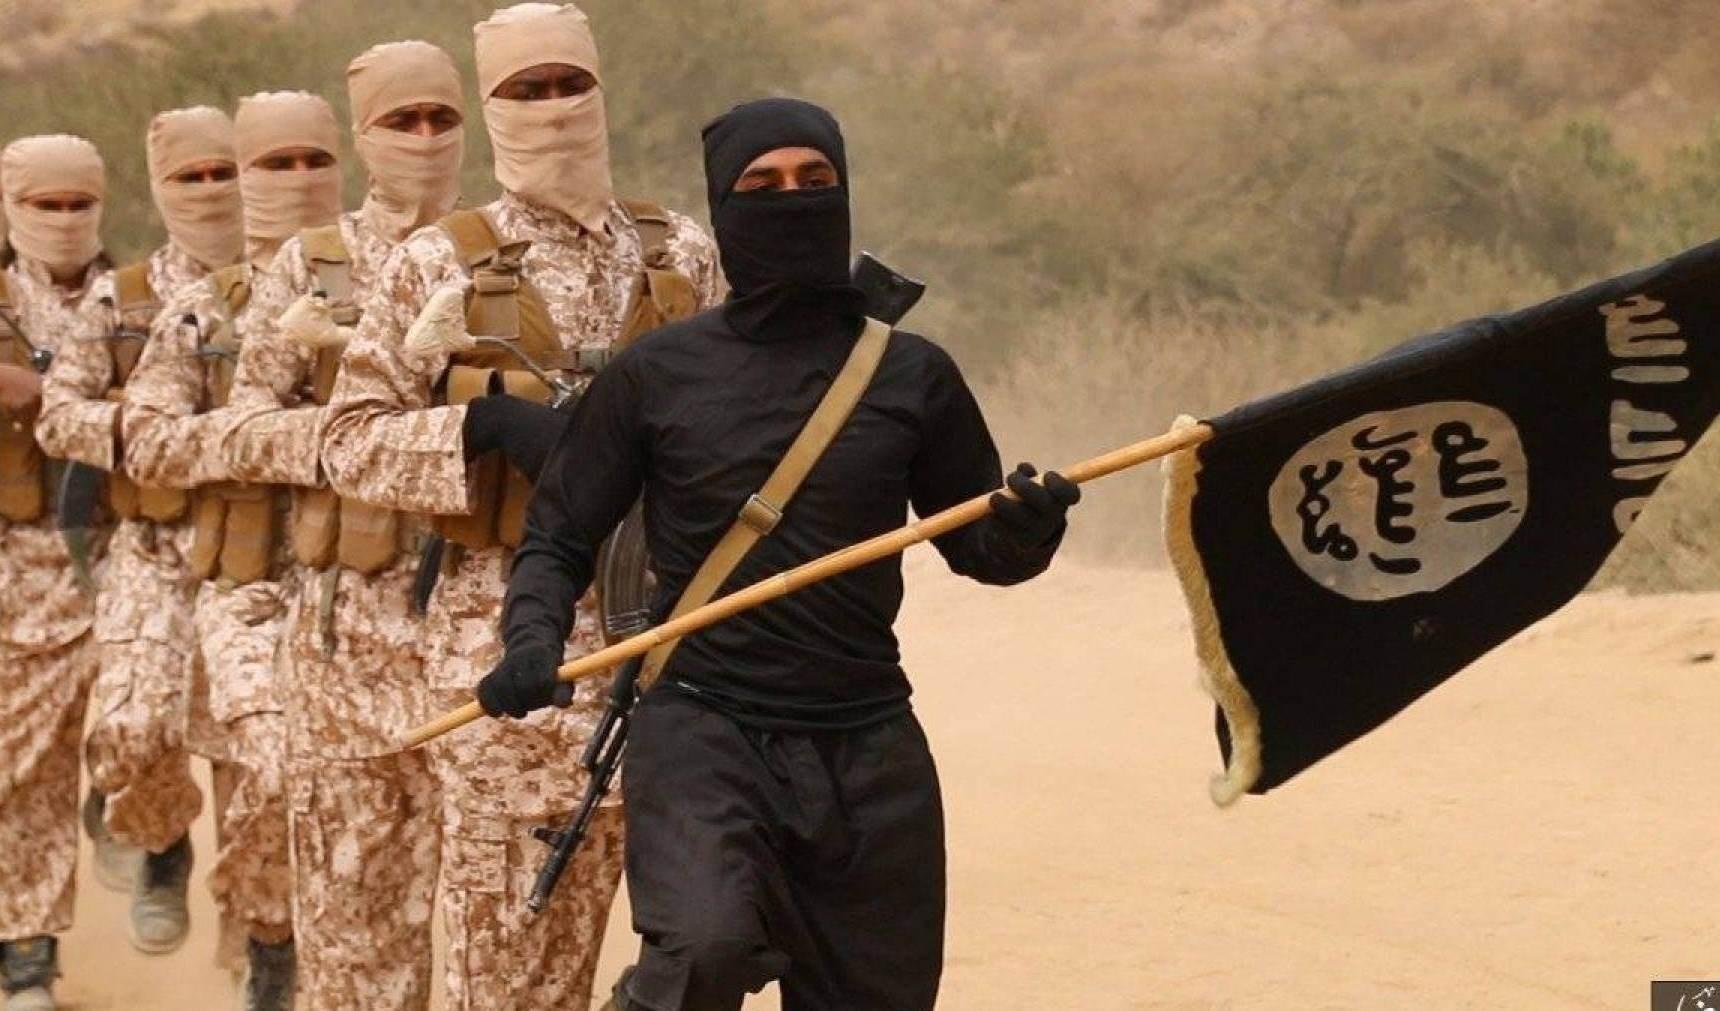 تنظيم داعش تسرَّع في إعلان دولة كاملة الأركان